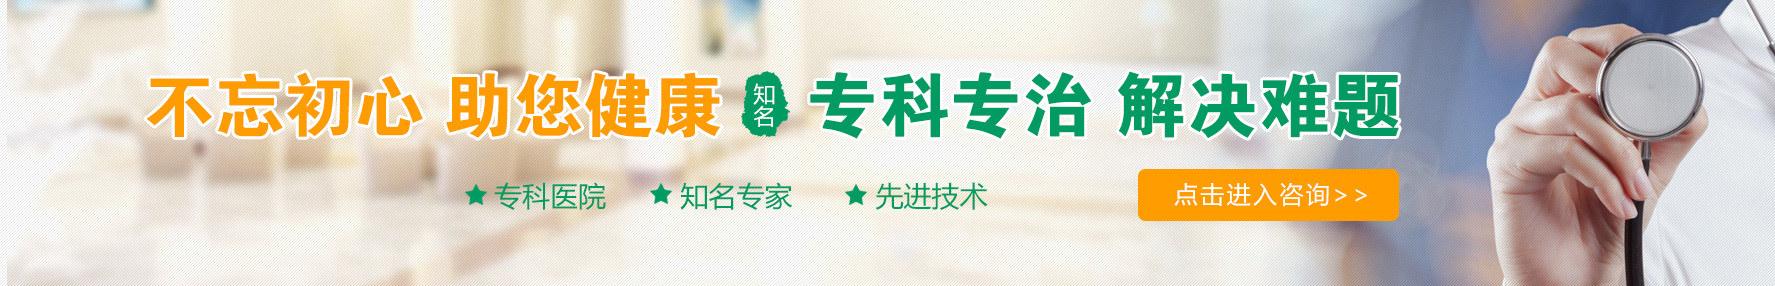 北京心衰的较佳治疗方法